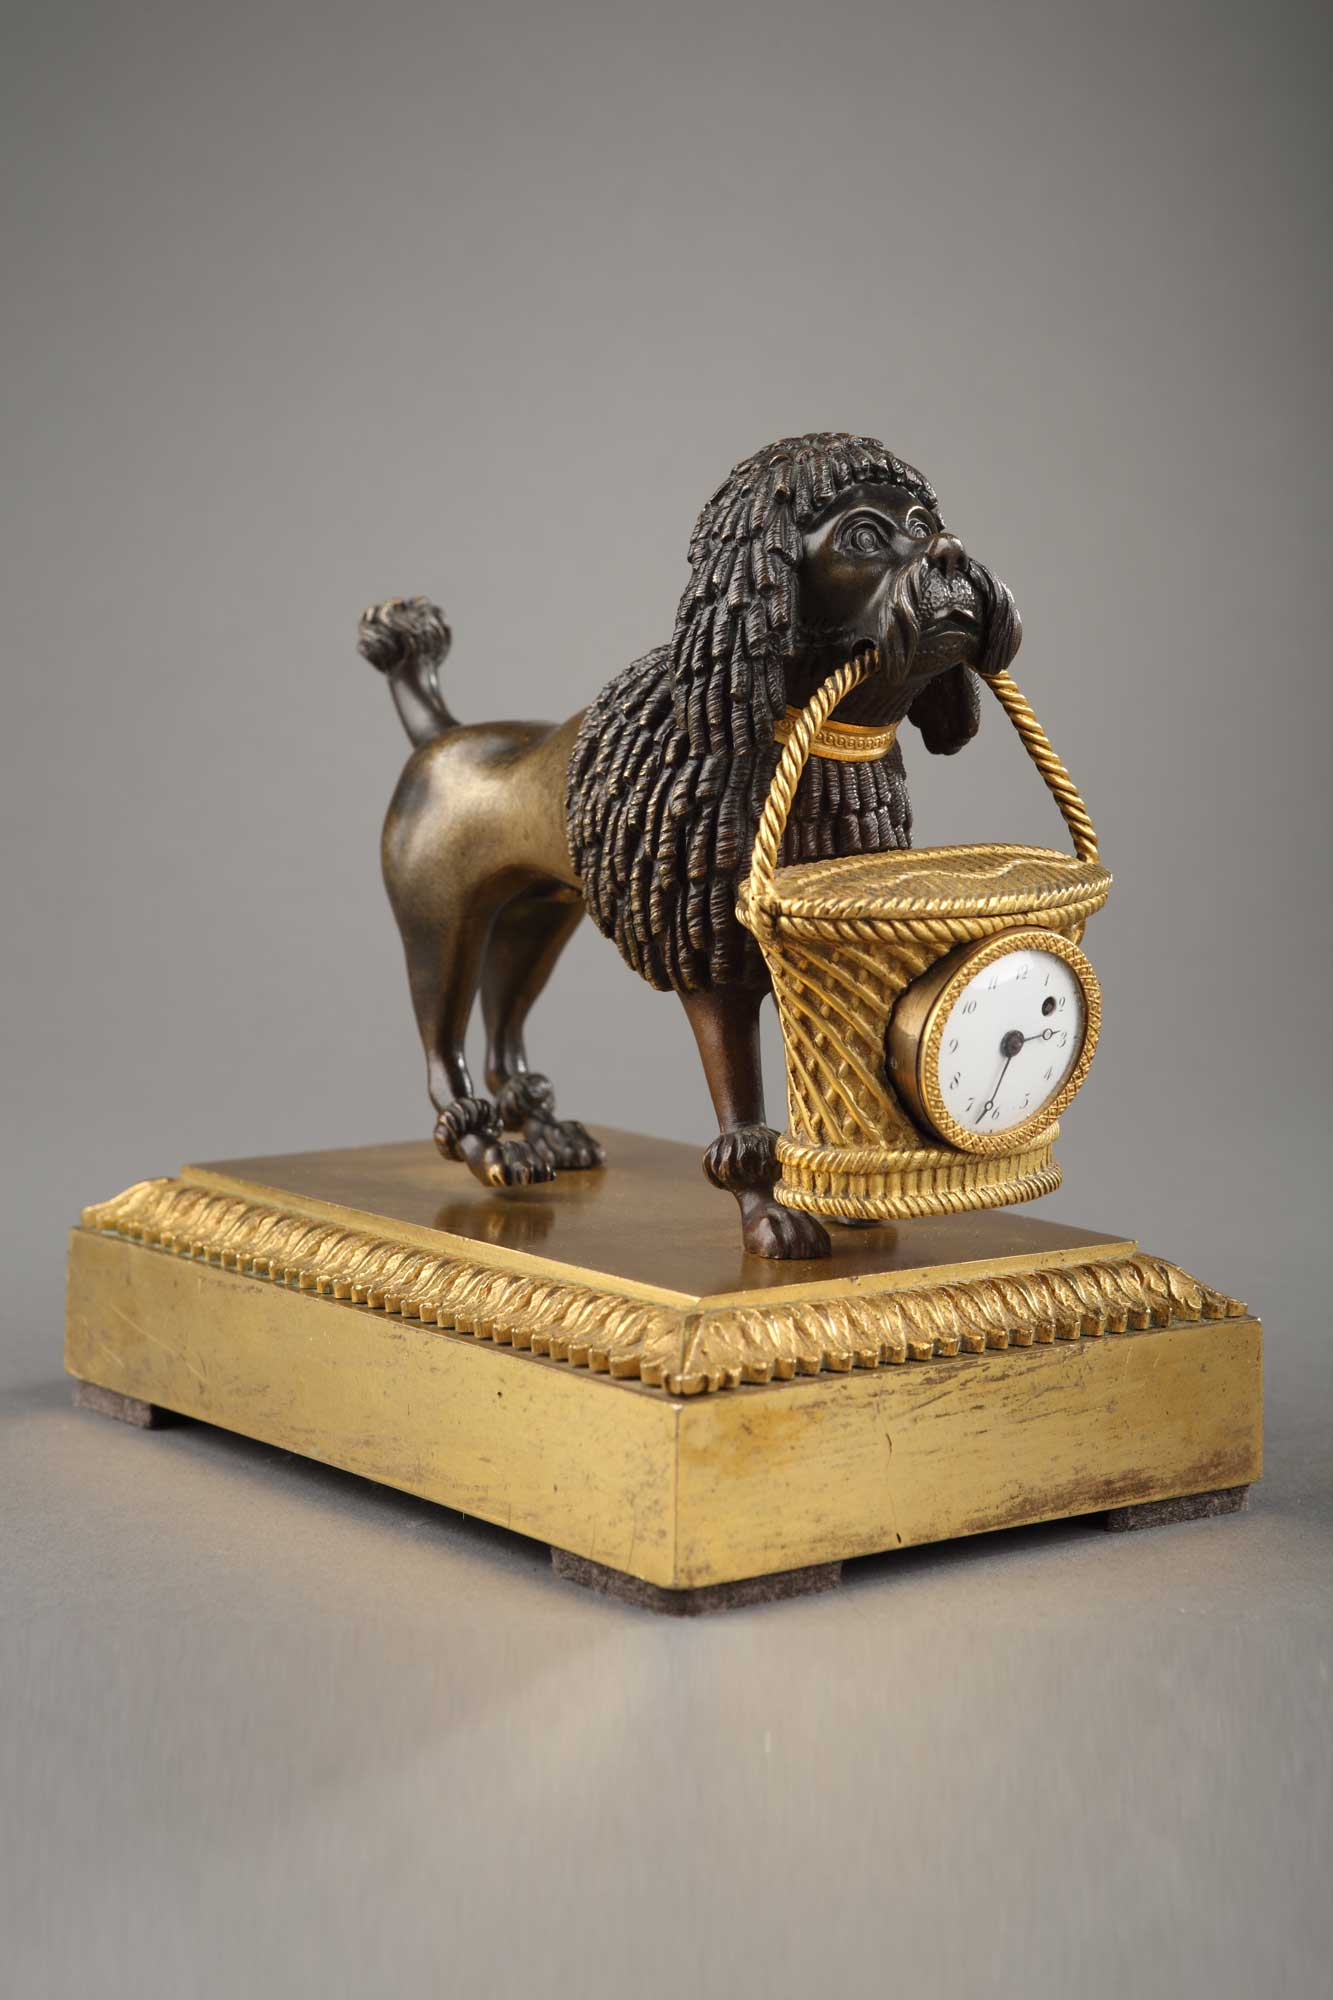 Adorable et rarissime pendulette d'époque Empire en bronze doré et patiné. Représentant un caniche tenant dans sa gueule un panier, dans lequel s'inscrit le cadran.